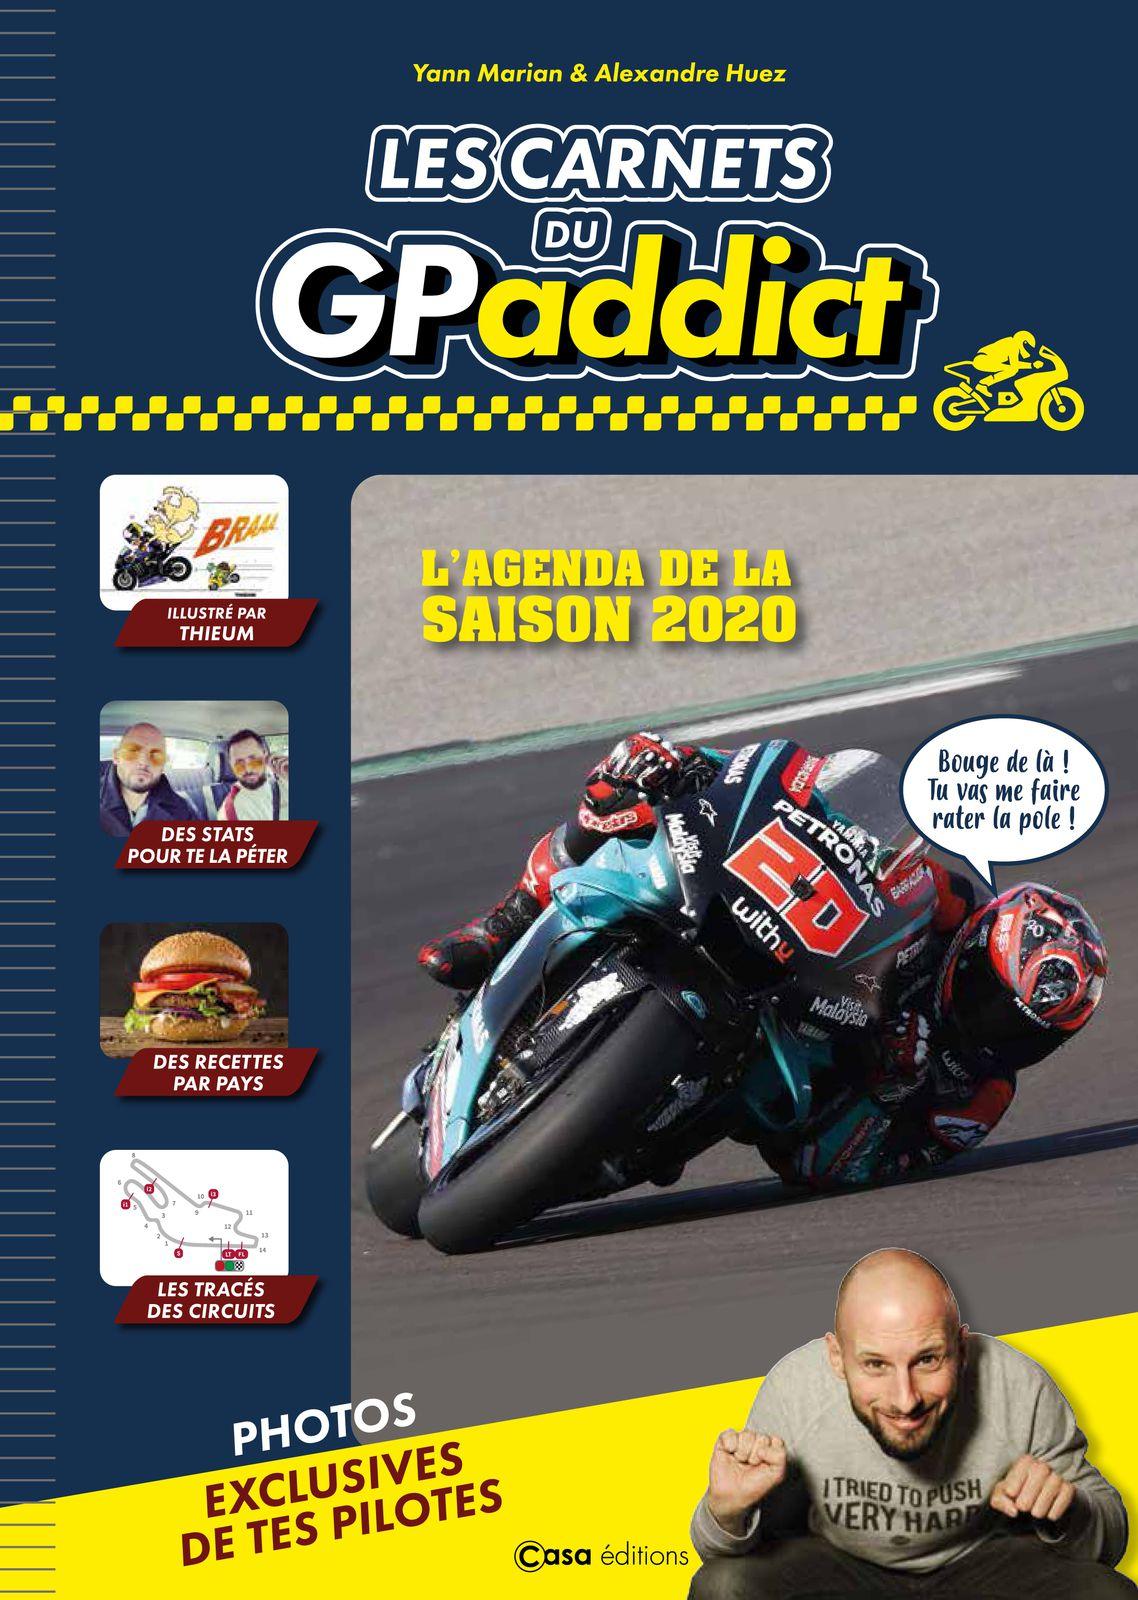 #LIVRE - CARNET DE MOTO GP ADDICT - L'agenda de la saison 2020 !